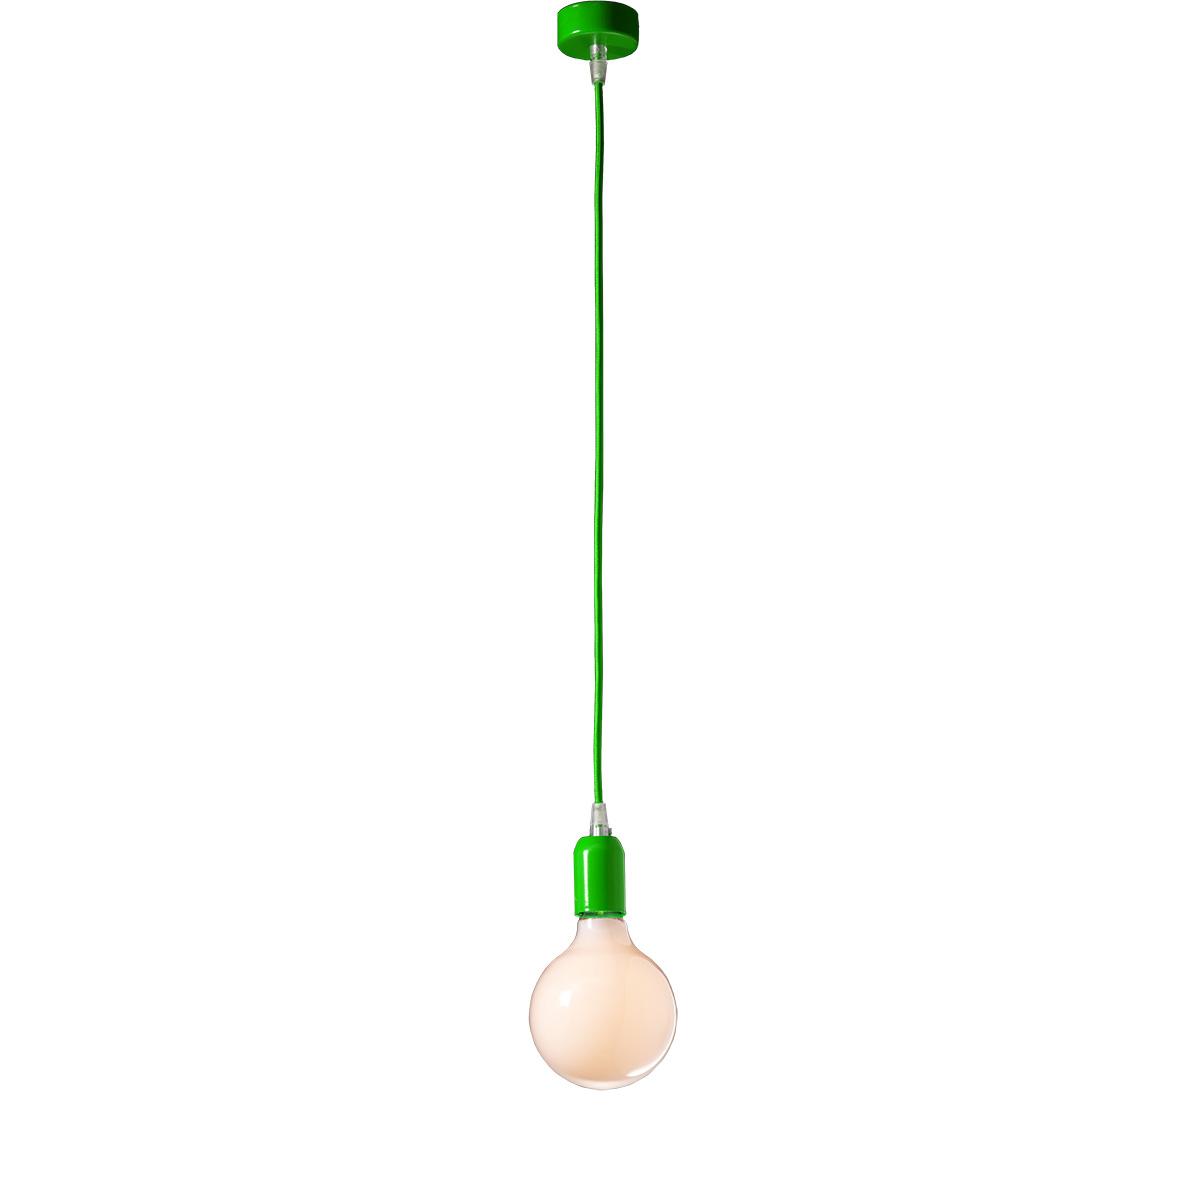 Μοντέρνο πράσινο μονόφωτο ΚΑΛΩΔΙΑ modern green suspension lamp